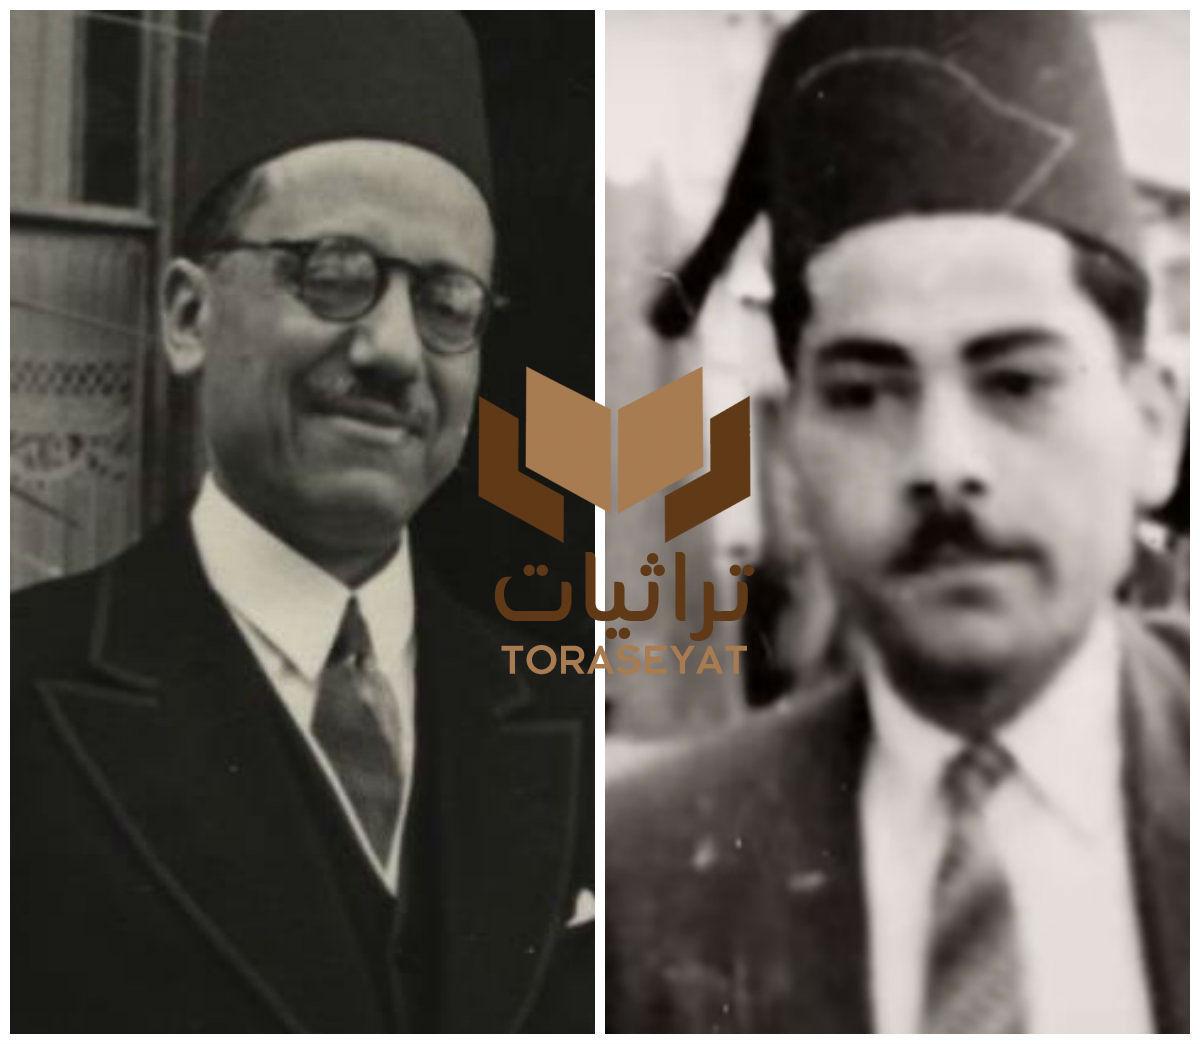 إبراهيم فهمي هلال - مكرم عبيد